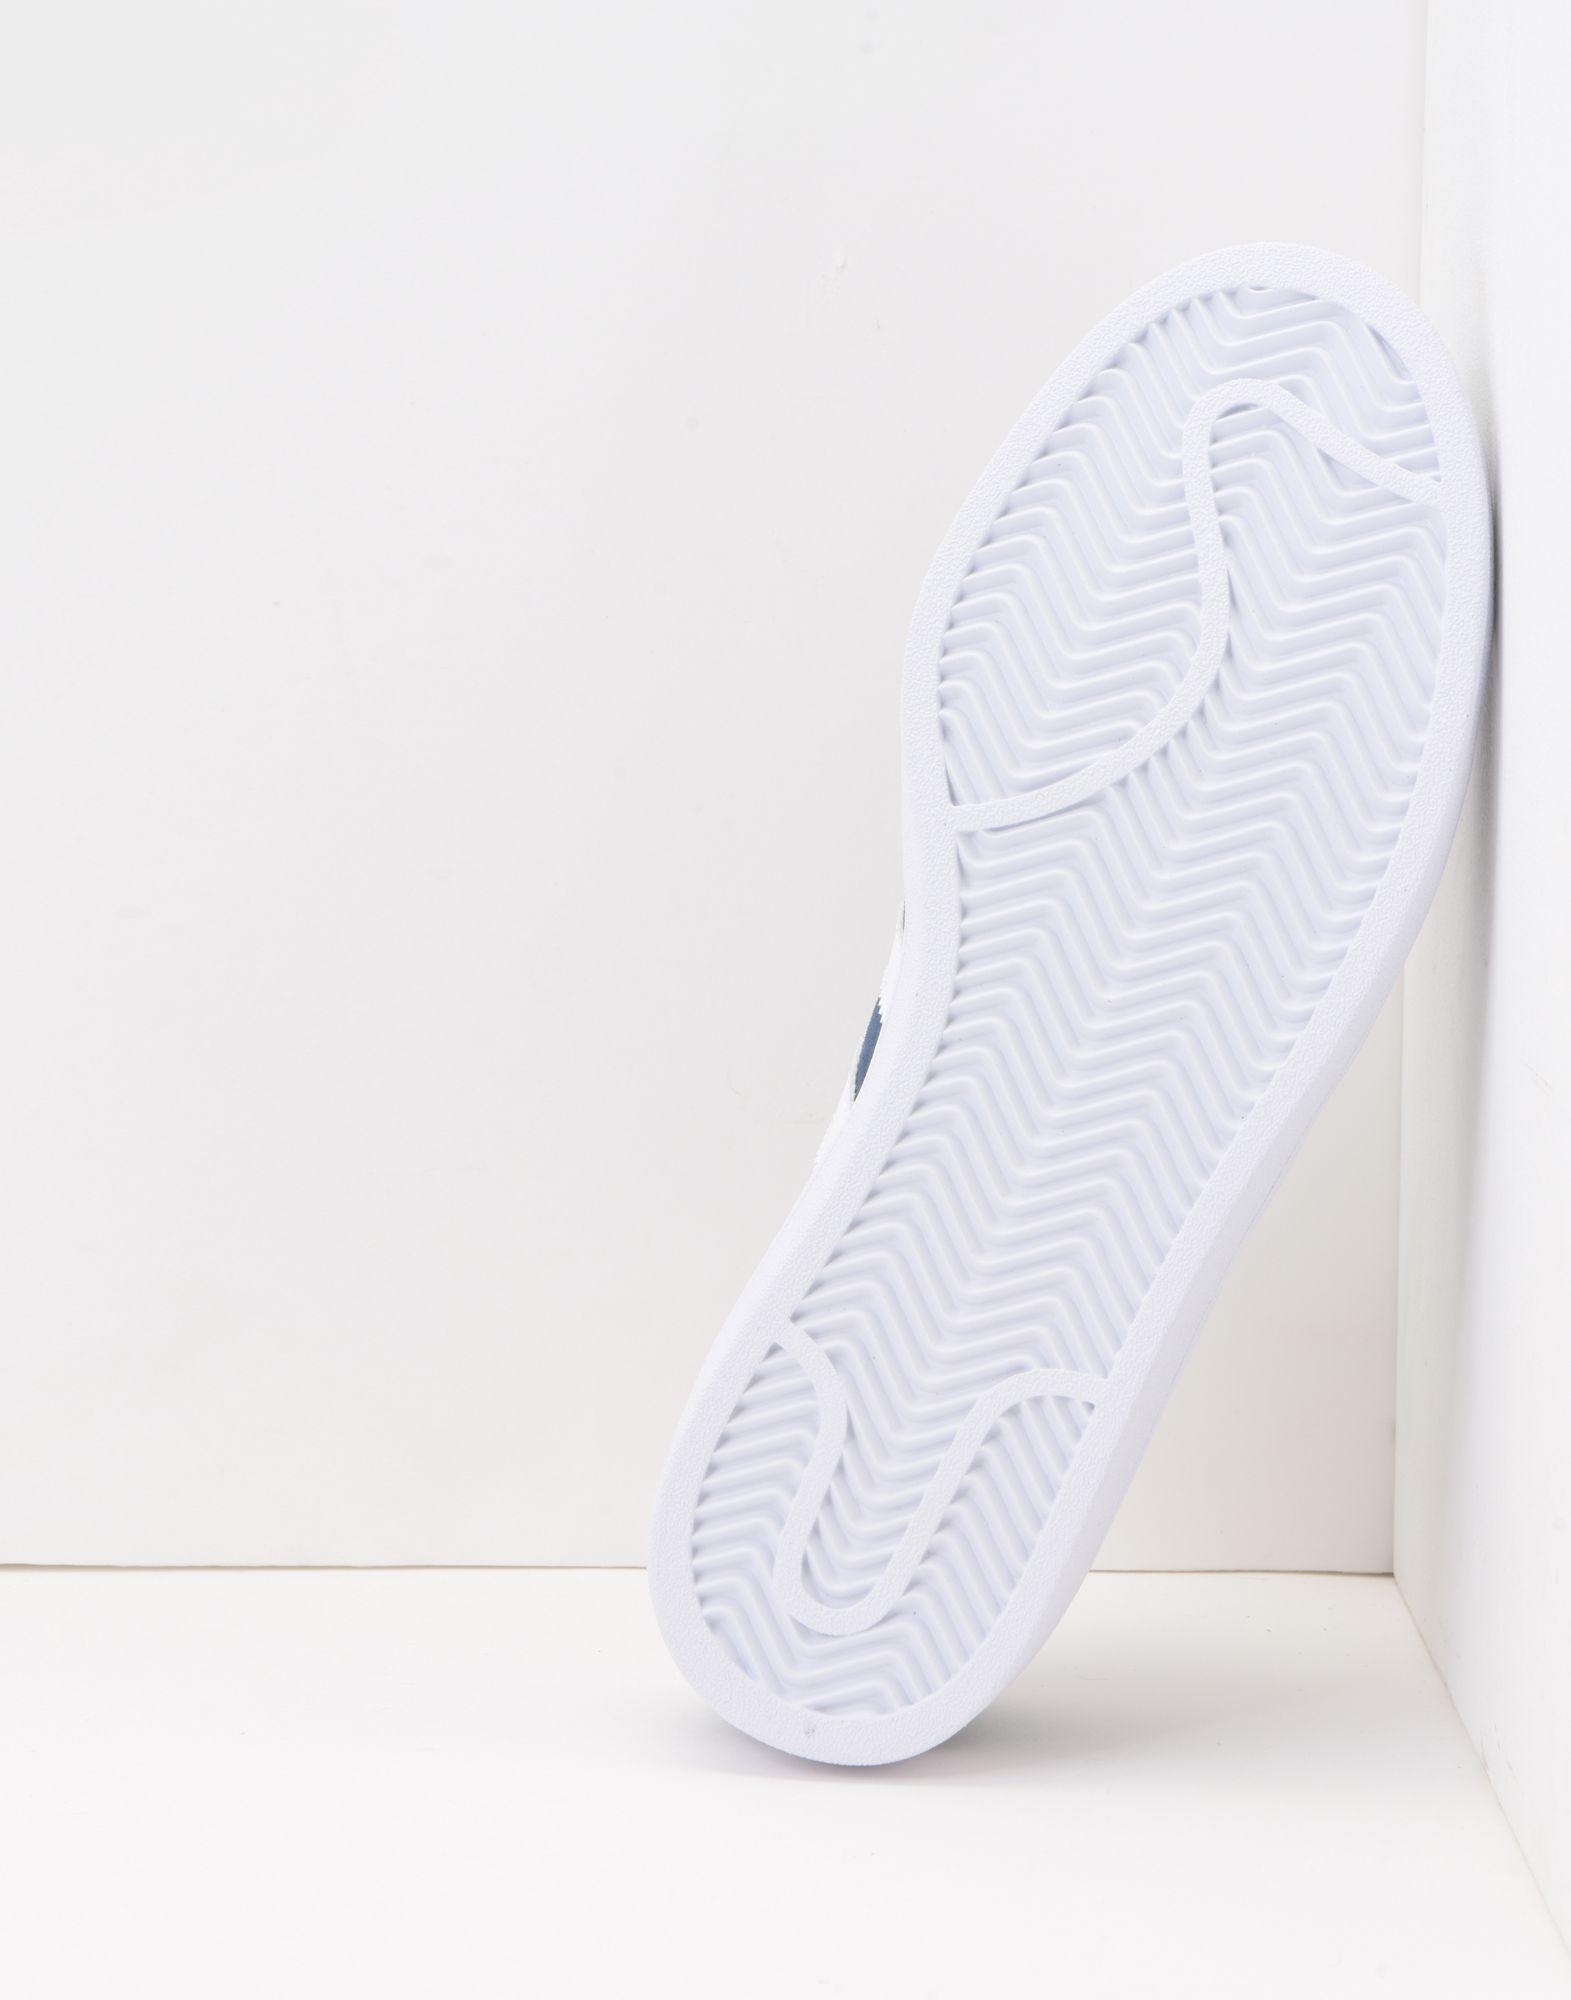 Sneakers Adidas Originals Campus W - Femme - Sneakers Adidas Originals sur